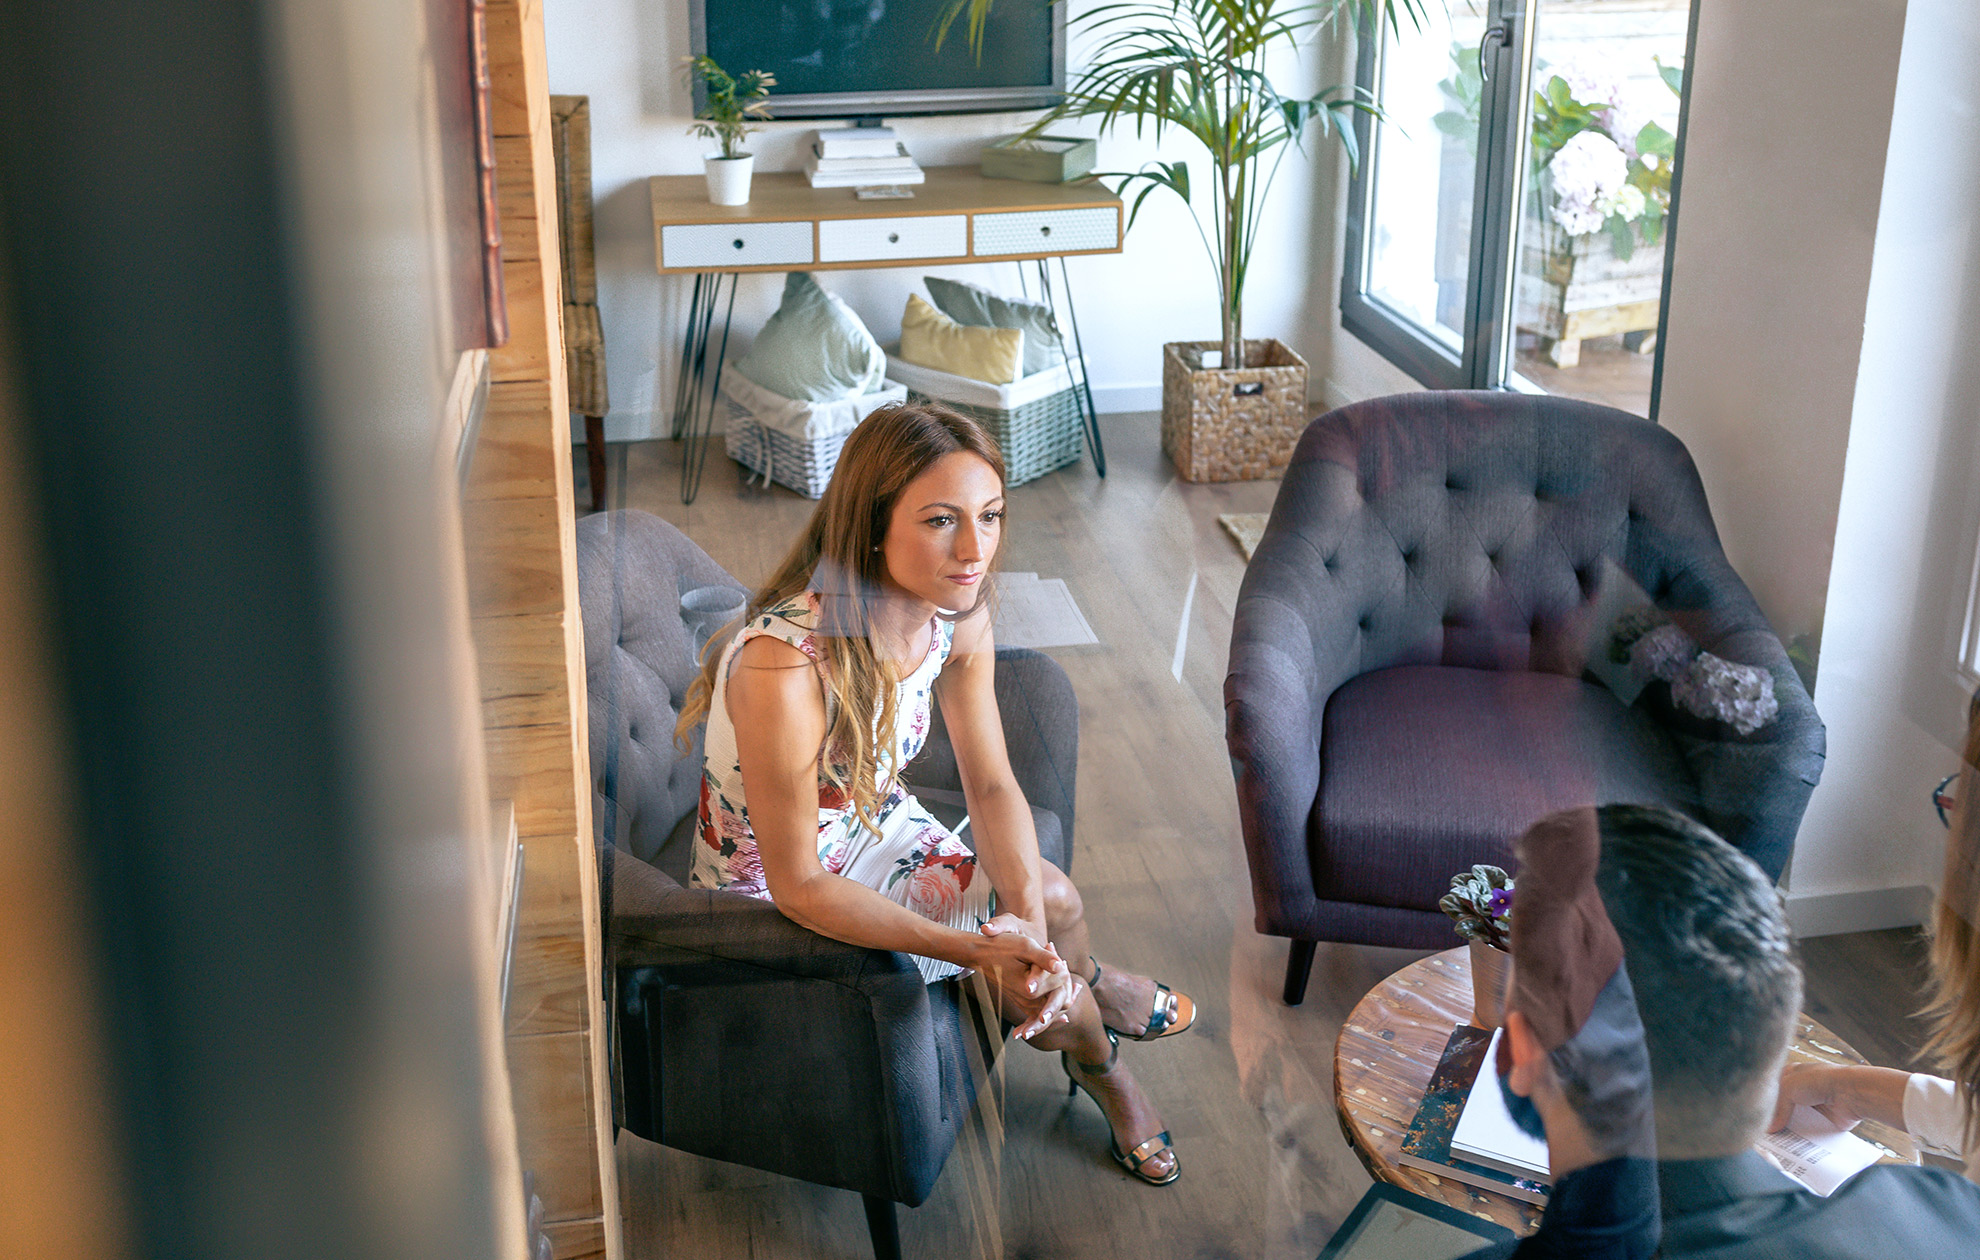 Kobieta w sukience i srebrnych sandałach, ilustracja do artykułu o srebrnych sandałach